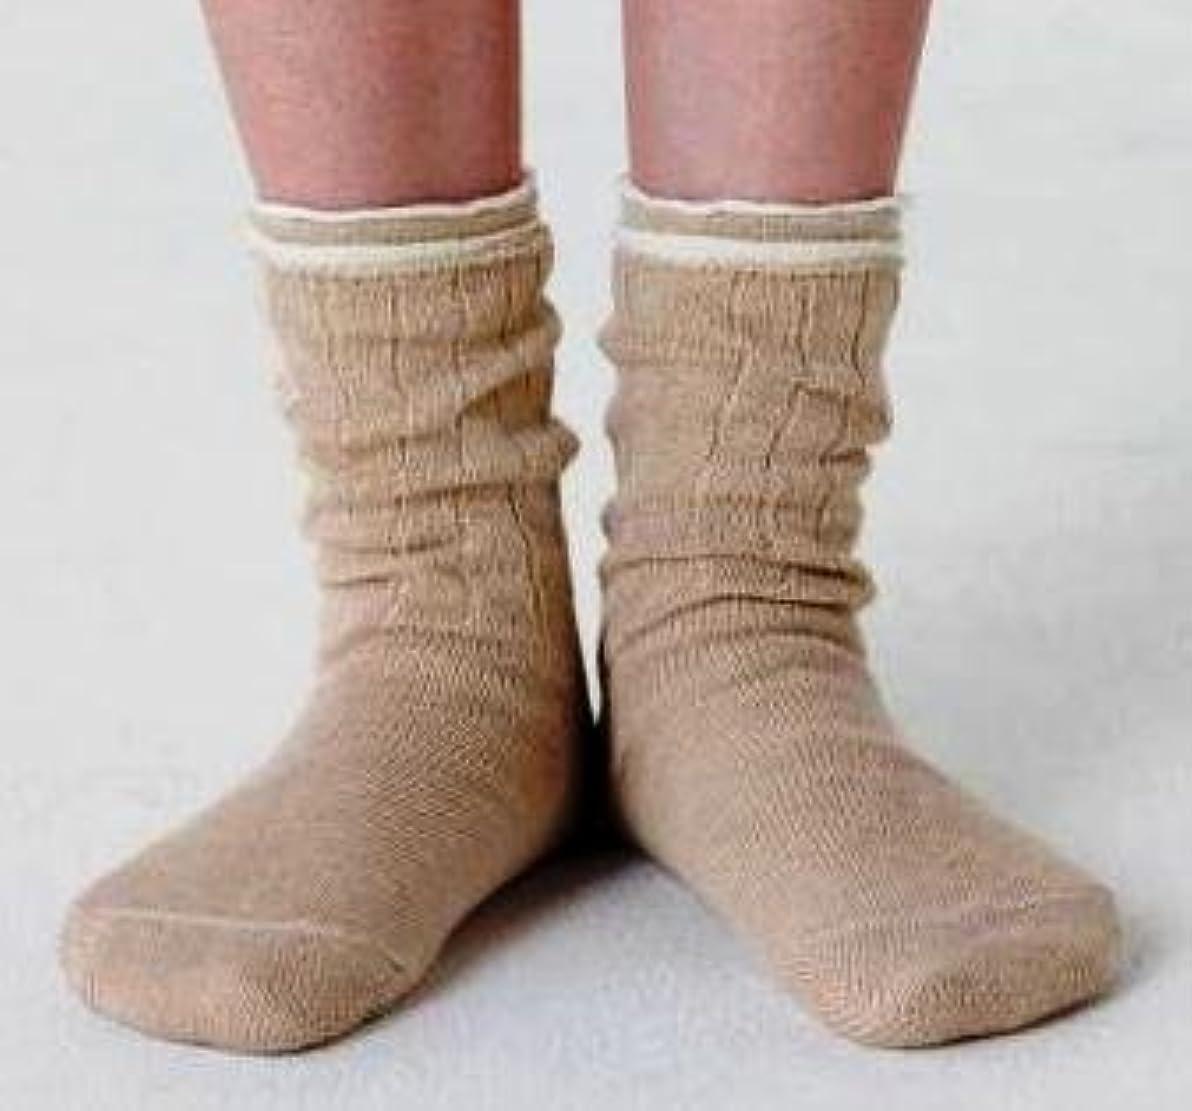 億通路空の冷え取り靴下 4枚重ね履きソックス(絹・綿・絹・綿) サイズ:22~24.5cm